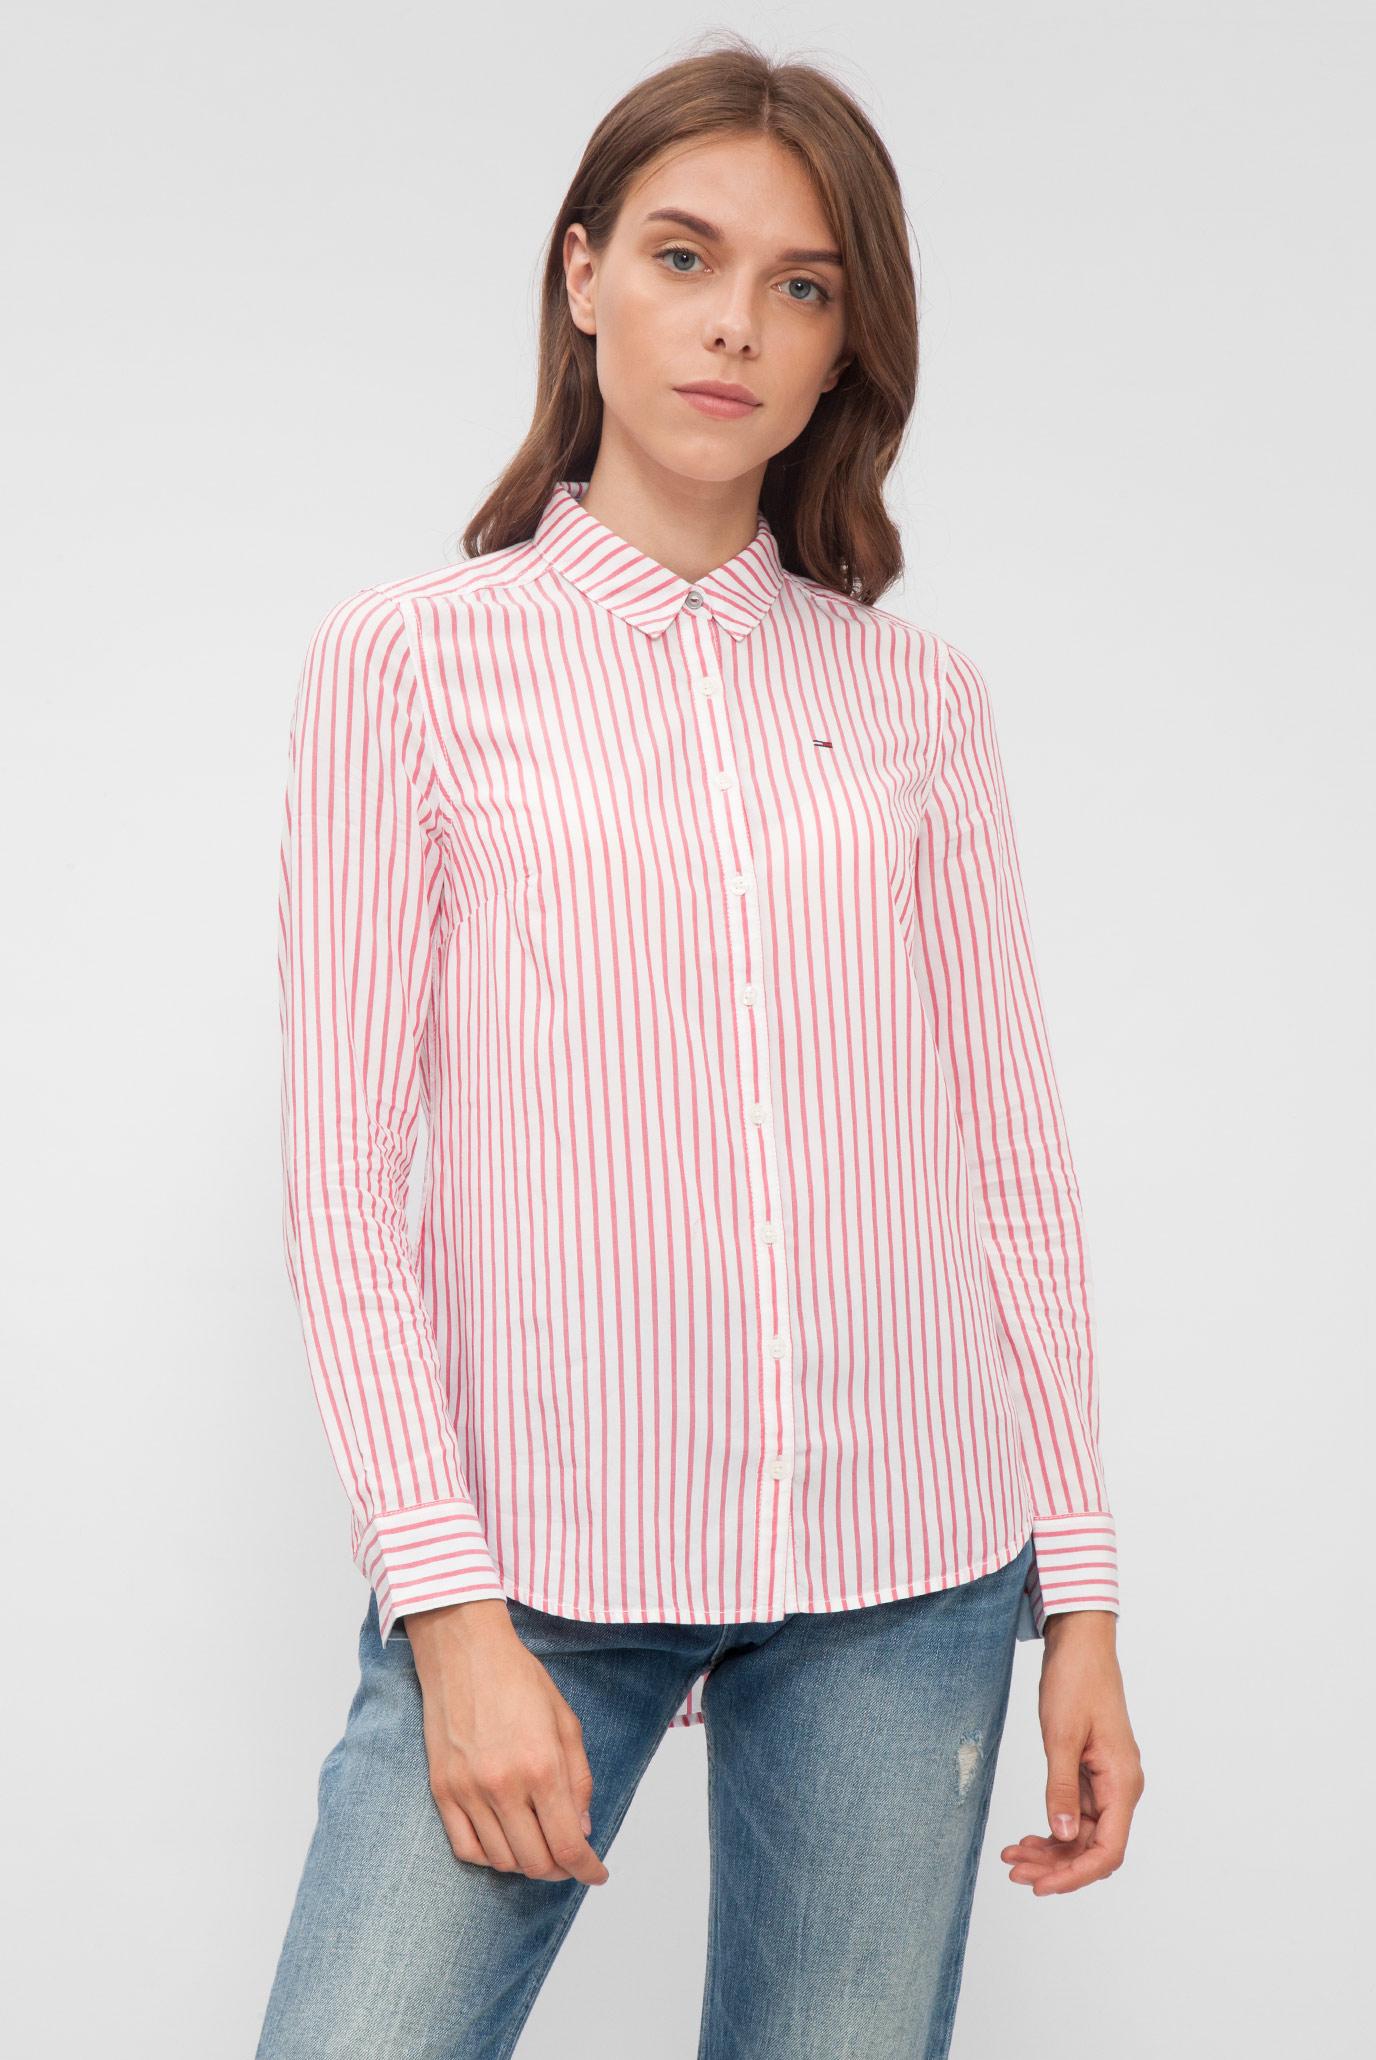 e17b92aa18c Купить Женская розовая рубашка в полоску Tommy Hilfiger Tommy Hilfiger  DW0DW02279 – Киев